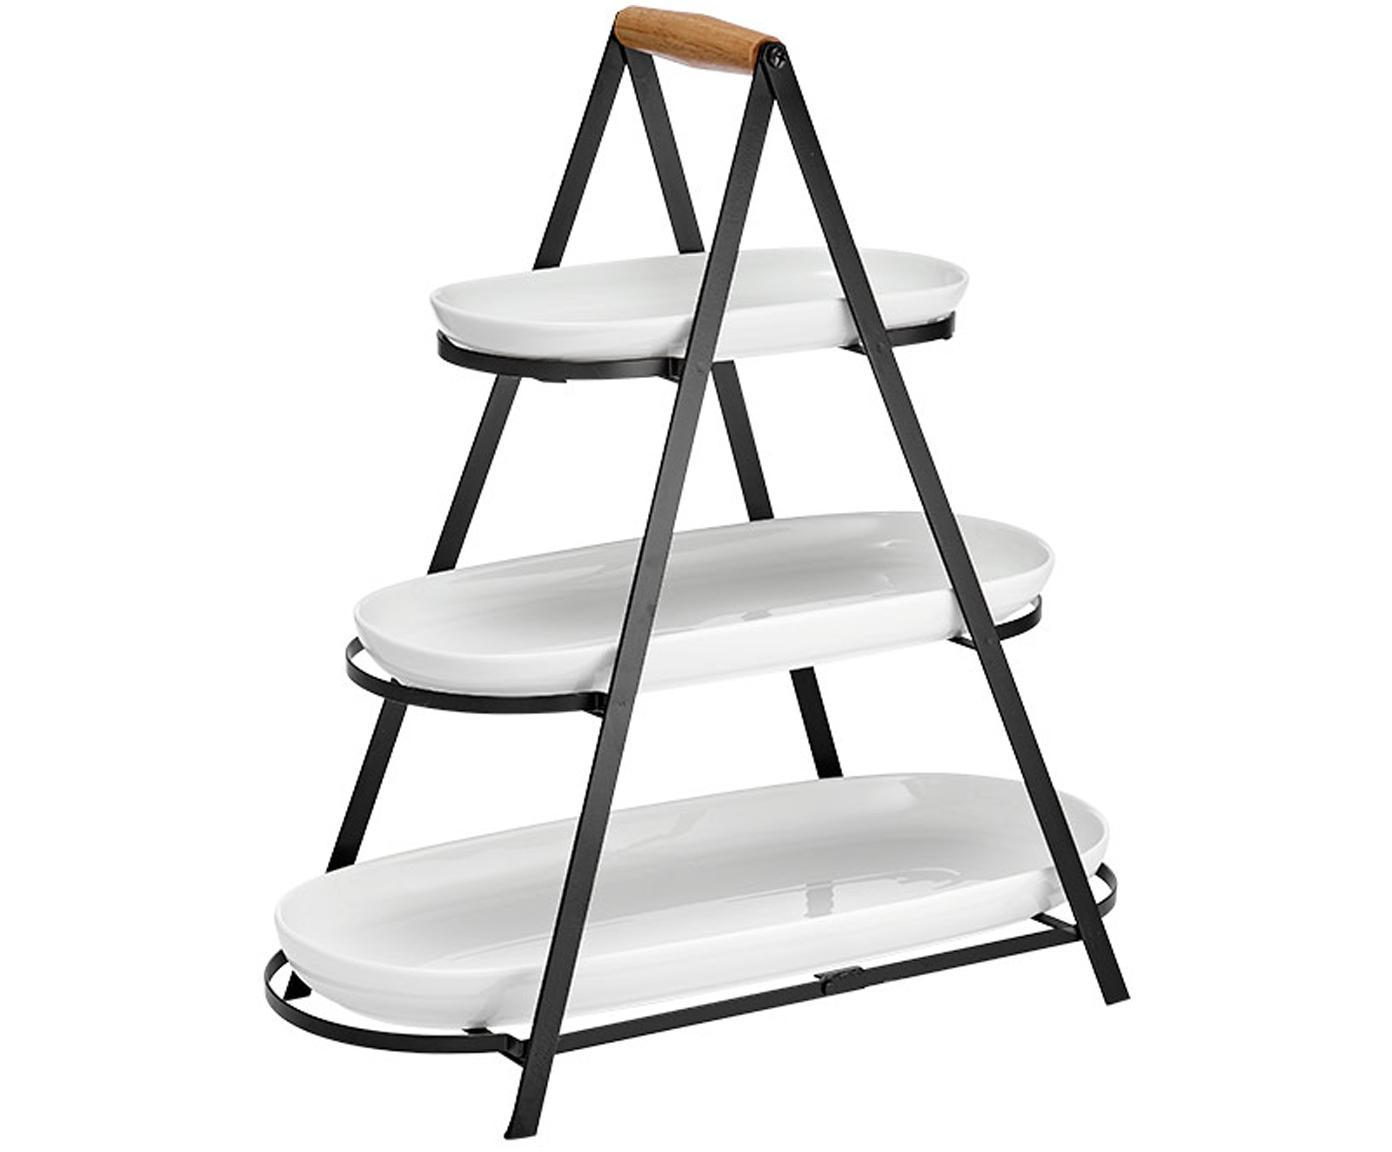 Etagere Tower mit abnehmbaren Ablageflächen, Gestell: Metall, Griff: Holz, Weiß, Schwarz, Holz, B 50 x H 55 cm